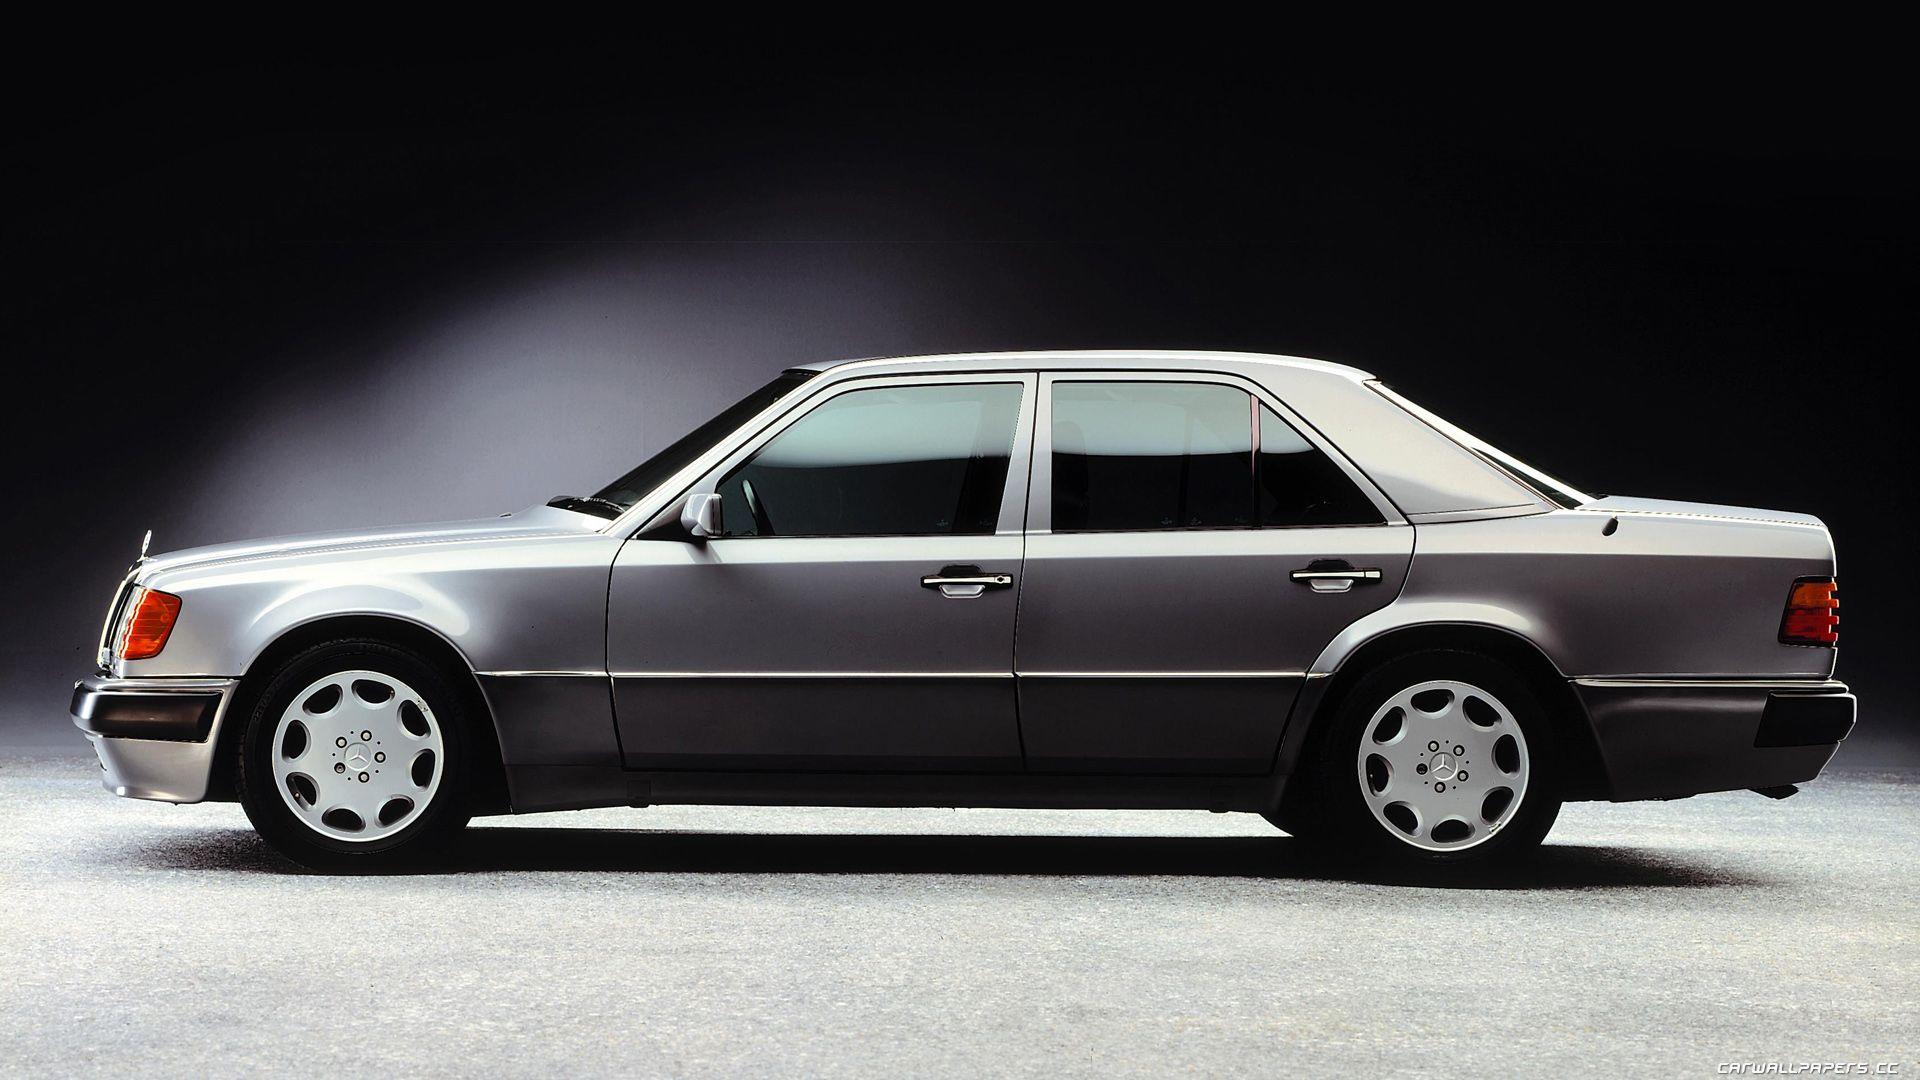 Mercedes Benz 500e W124 1991 1993 1920x1080 003 1,920×1,080 Pixels